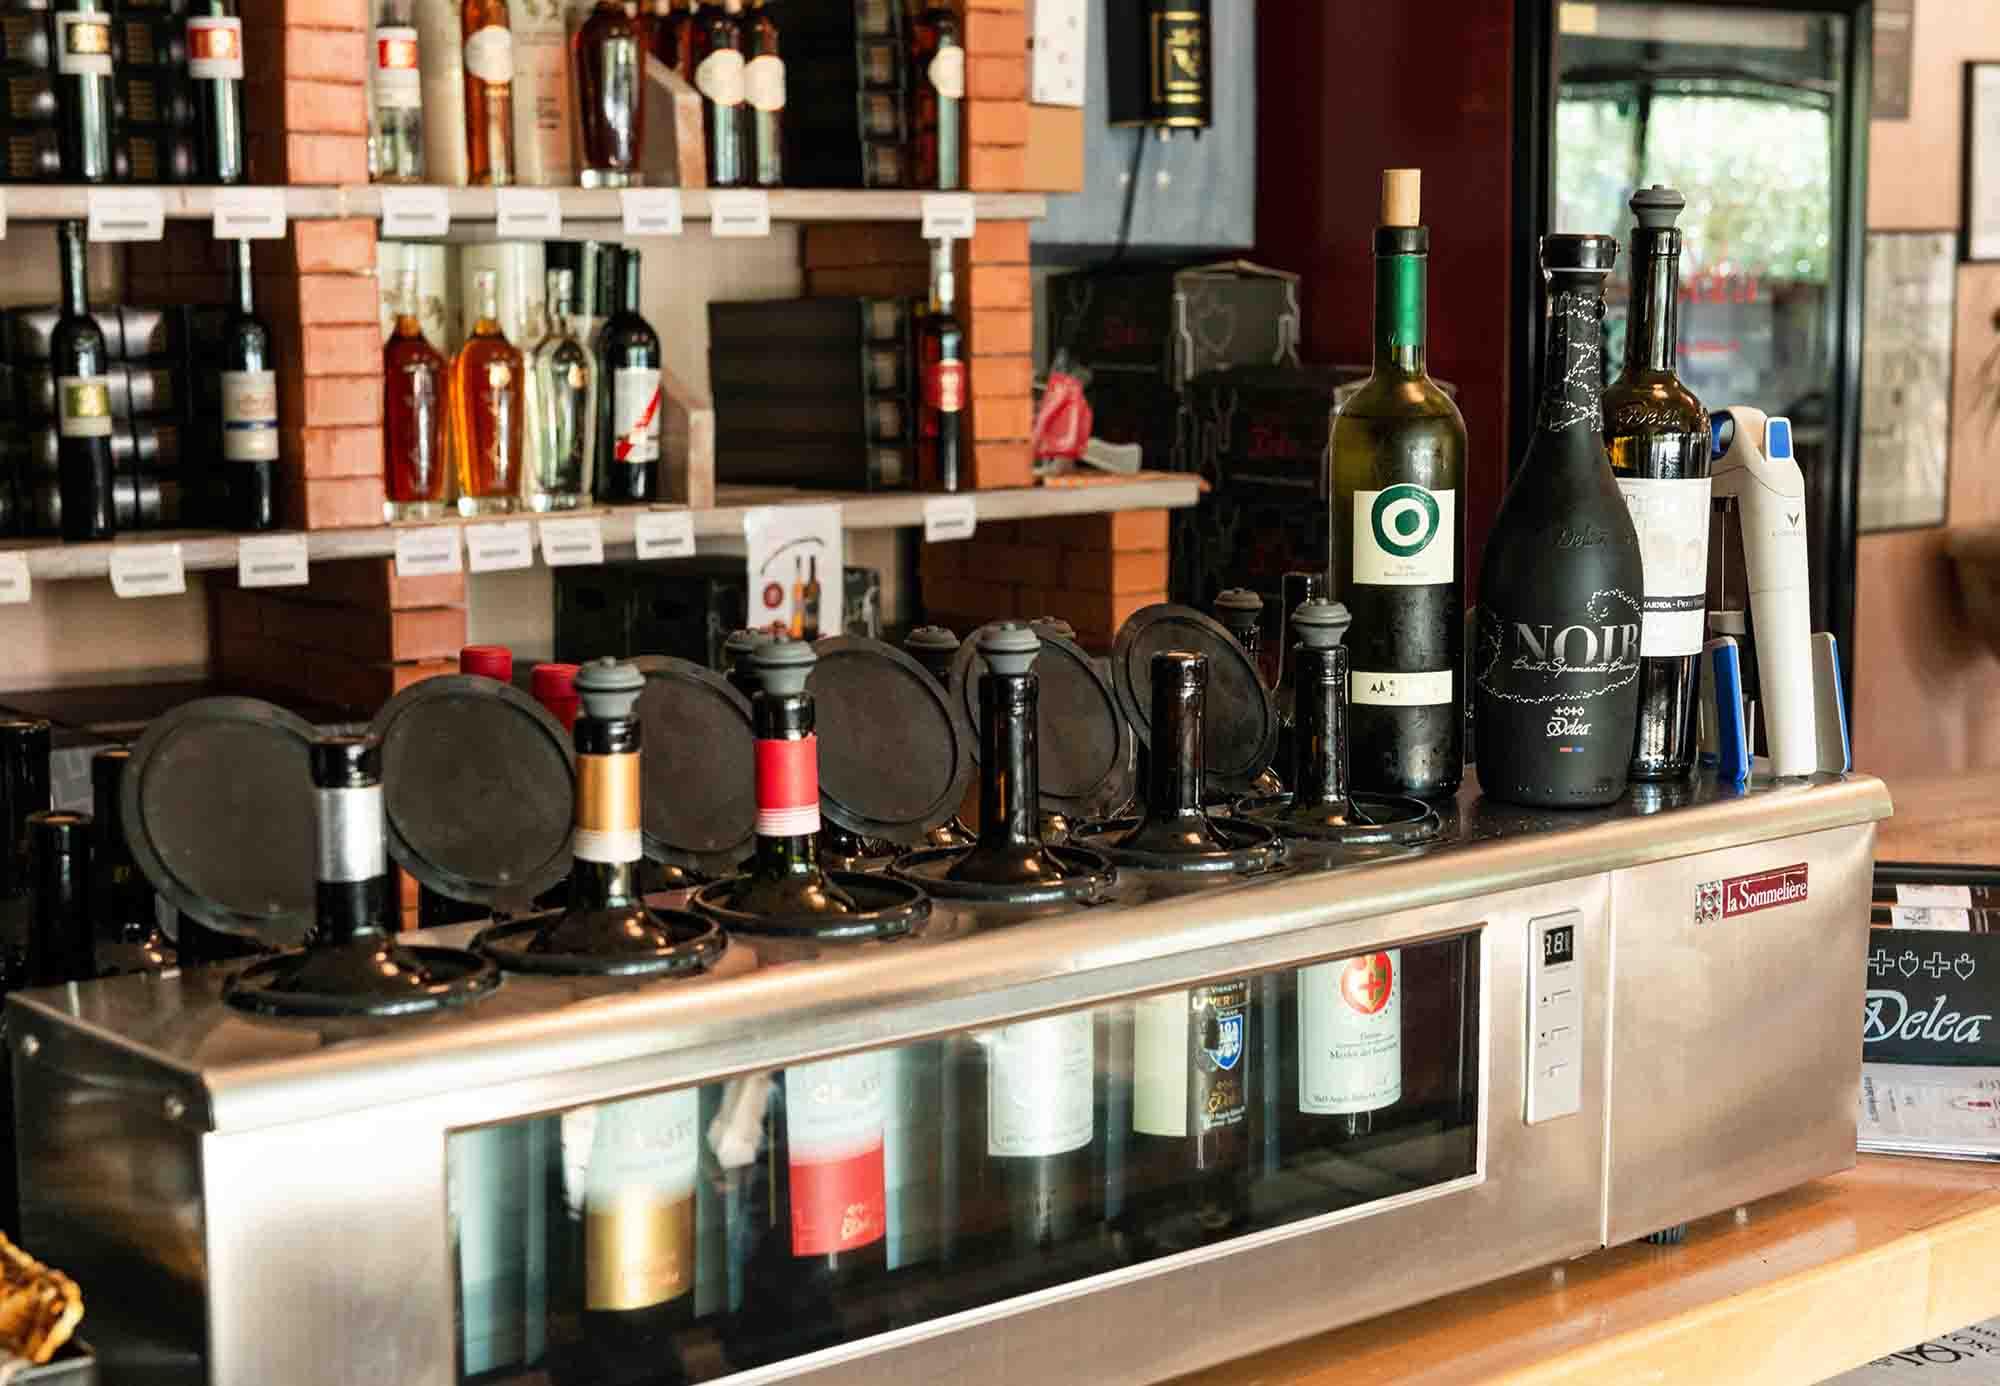 di alta qualità all'ingrosso buono Come conservare il vino una volta aperta la bottiglia? Ecco le regole!